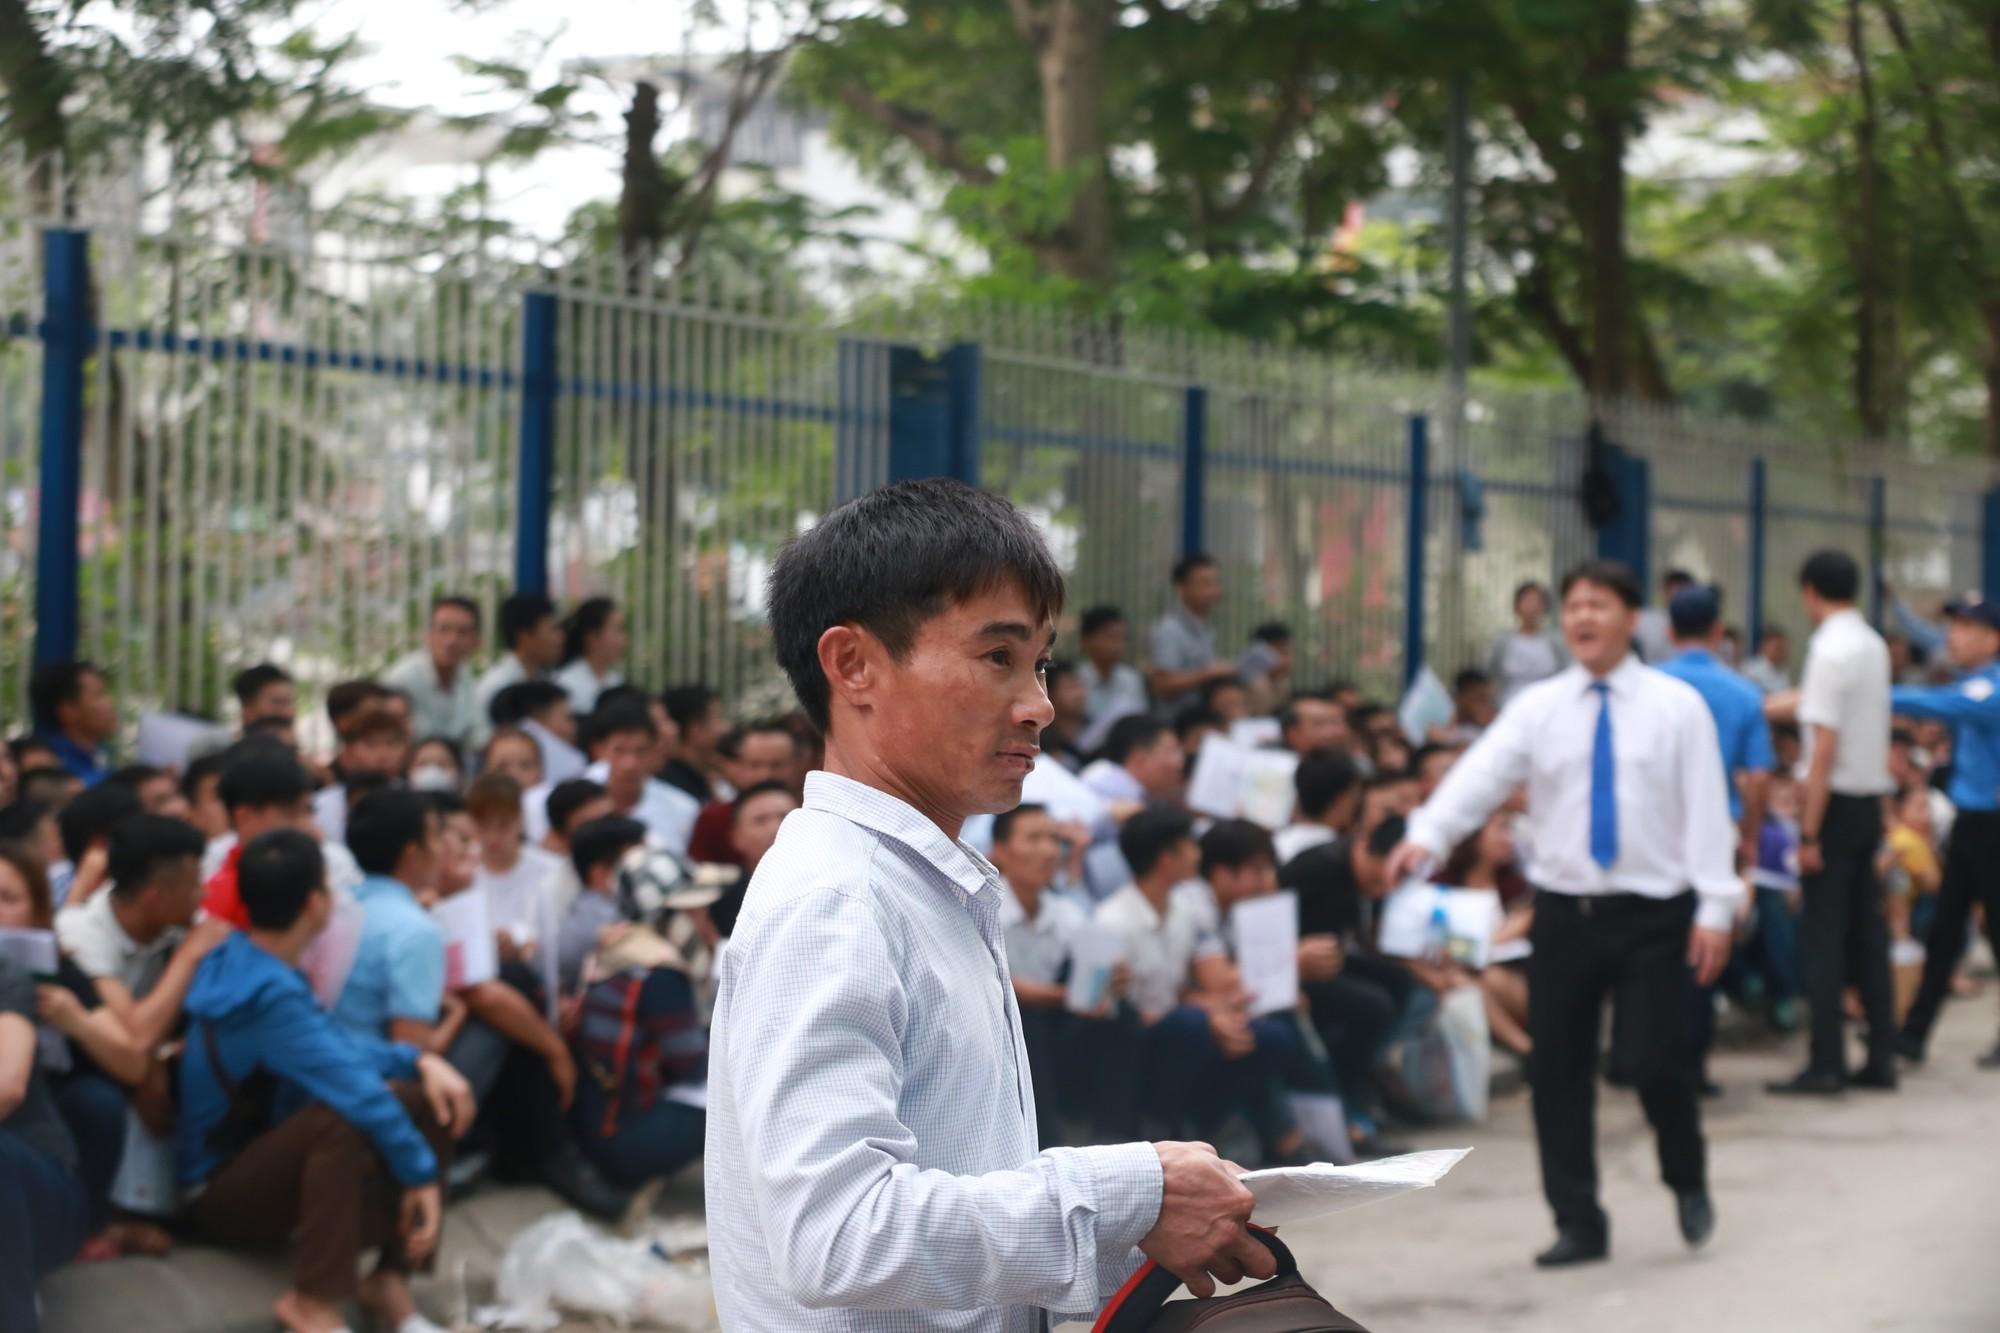 Cận cảnh hàng nghìn người xếp hàng trước Đại sứ quán Hàn Quốc chờ làm visa - Ảnh 10.